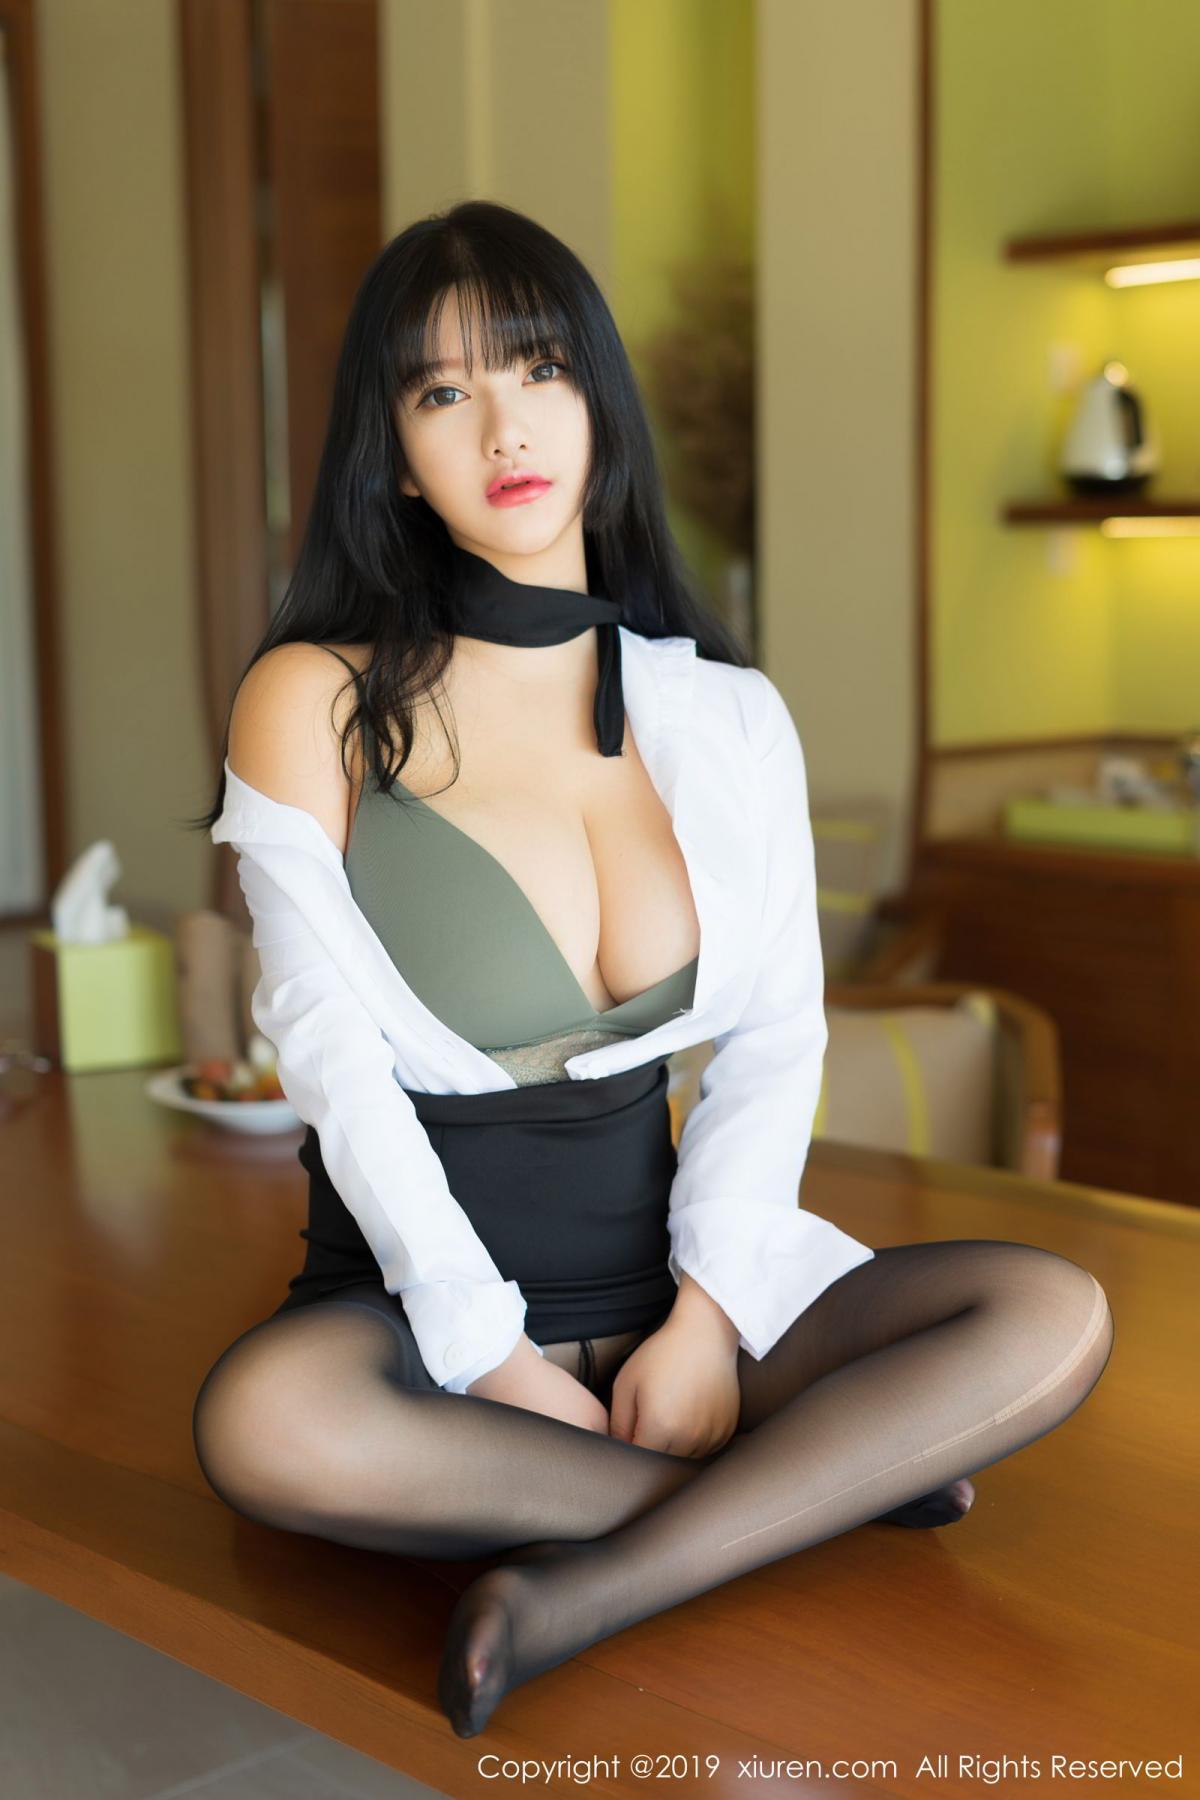 [XiuRen] Vol.1653 Lu Lu Xiao Miao 11P, Lu Lu Xiao Miao, Underwear, Xiuren